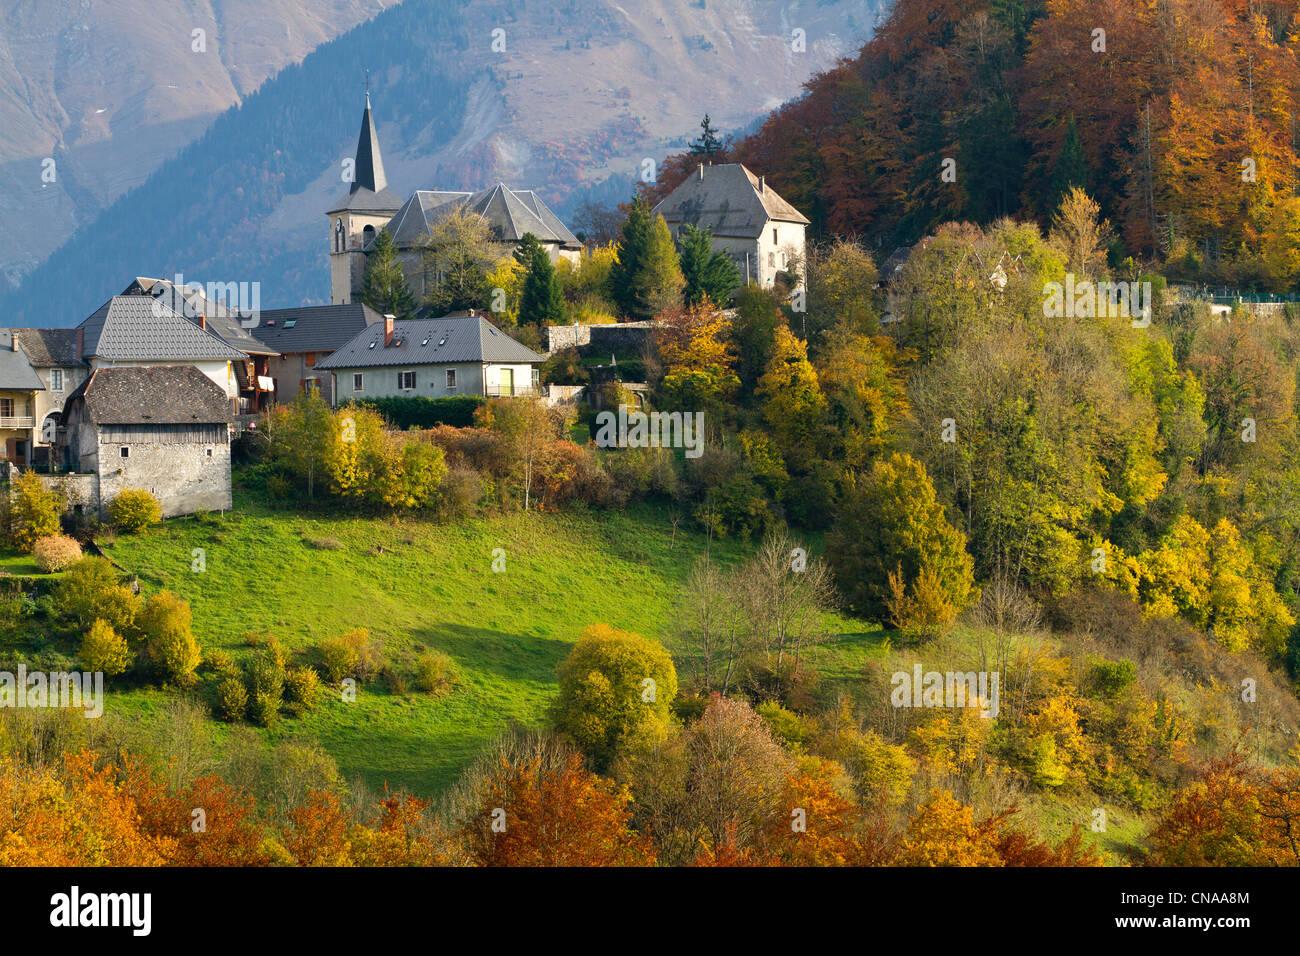 France savoie parc naturel regional du massif des bauges natural stock pho - Le domaine du chatelard ...